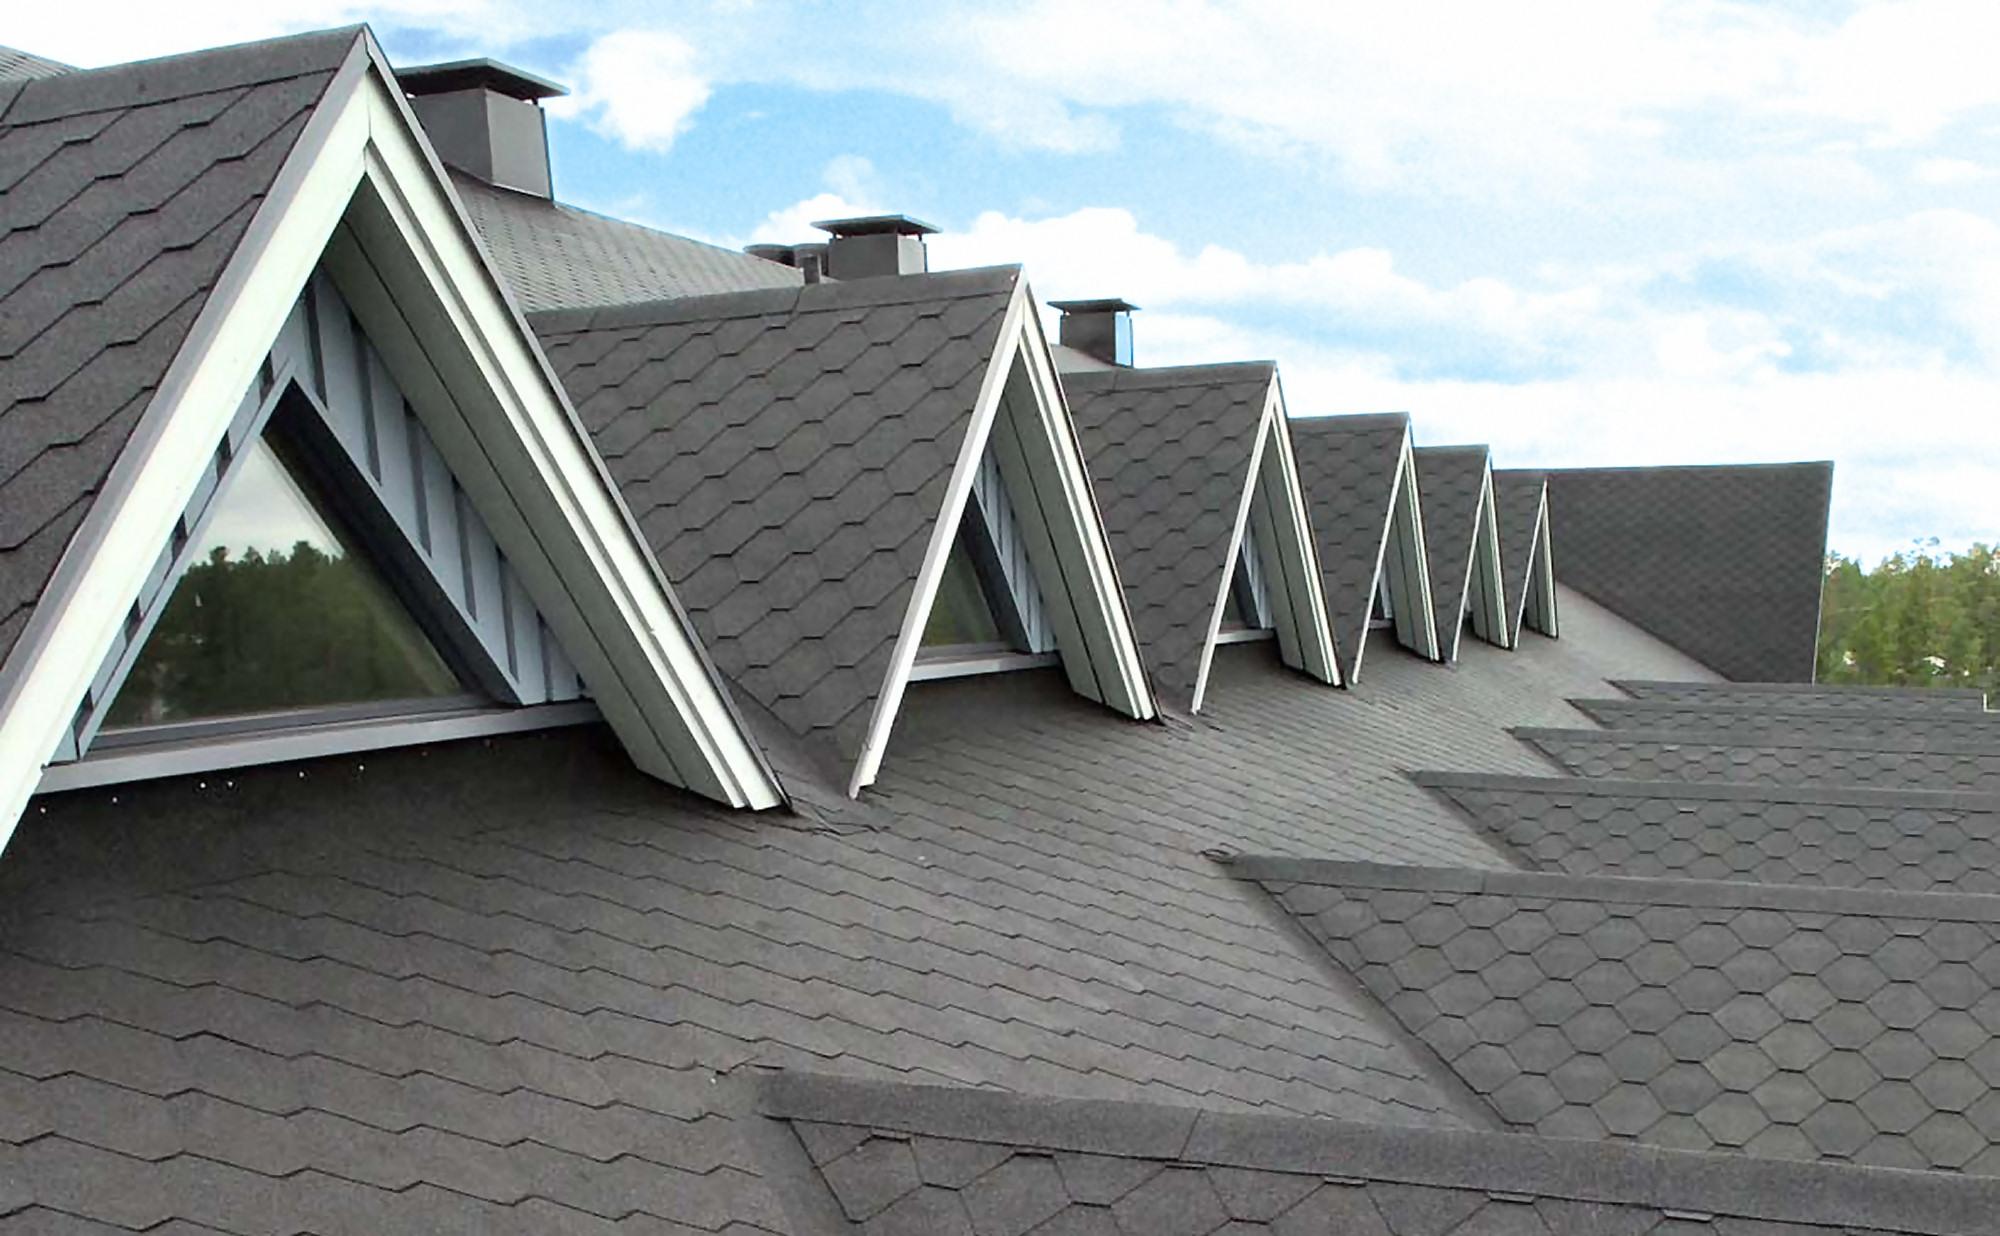 IMG - Plano Musta kattolaatta ikkunat katolla - 2000px / 1236px